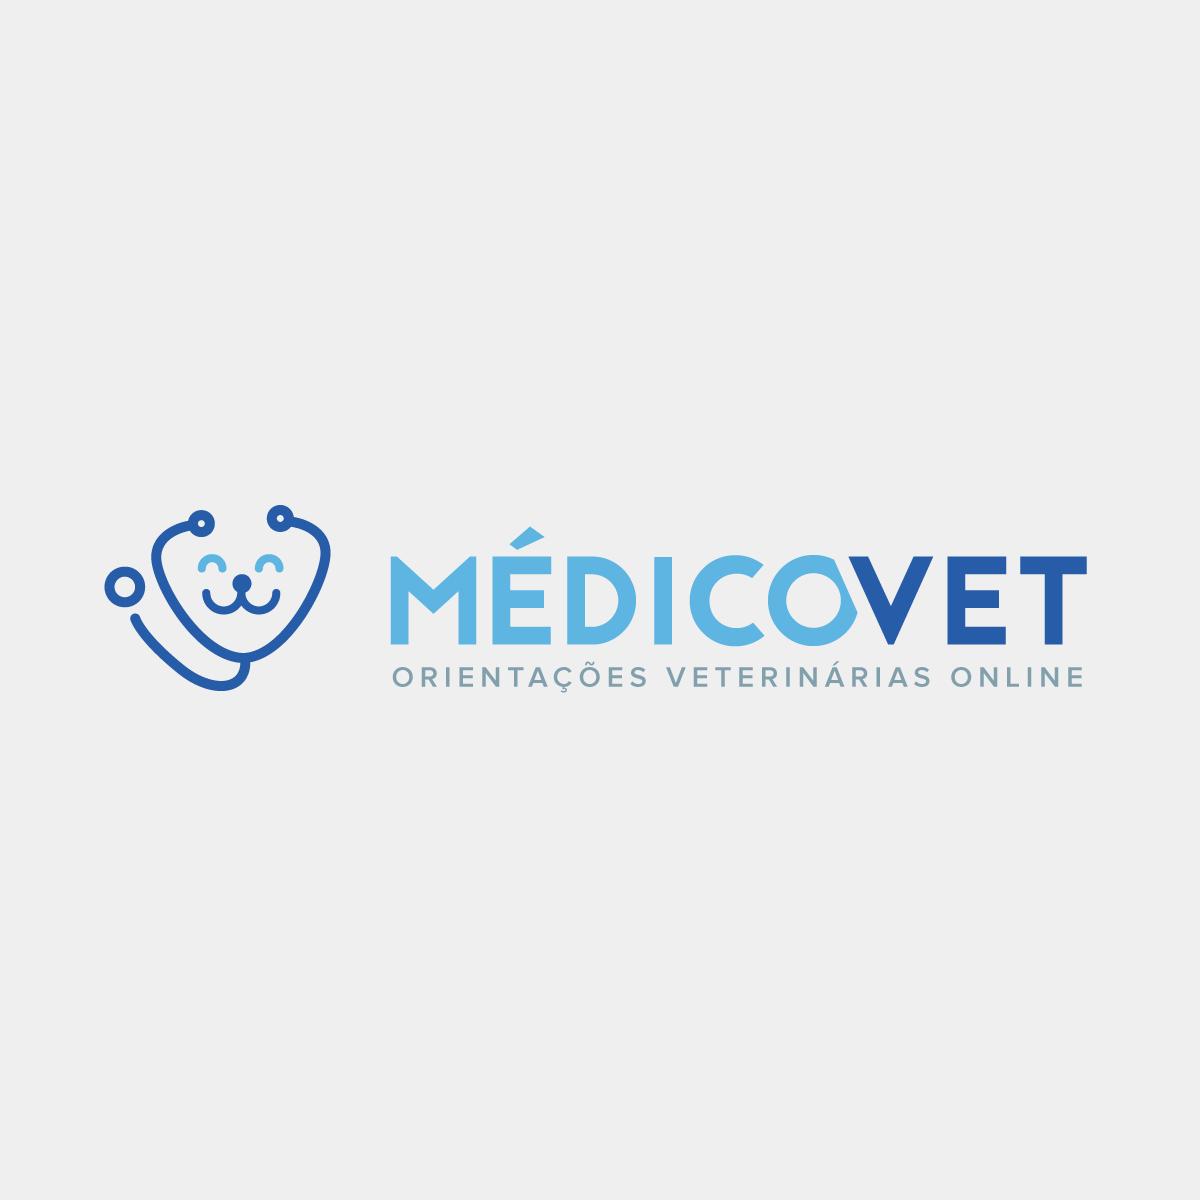 https://brasiltelemedicina.com.br/wp-content/uploads/2016/07/medico-vet-1200x1200.png